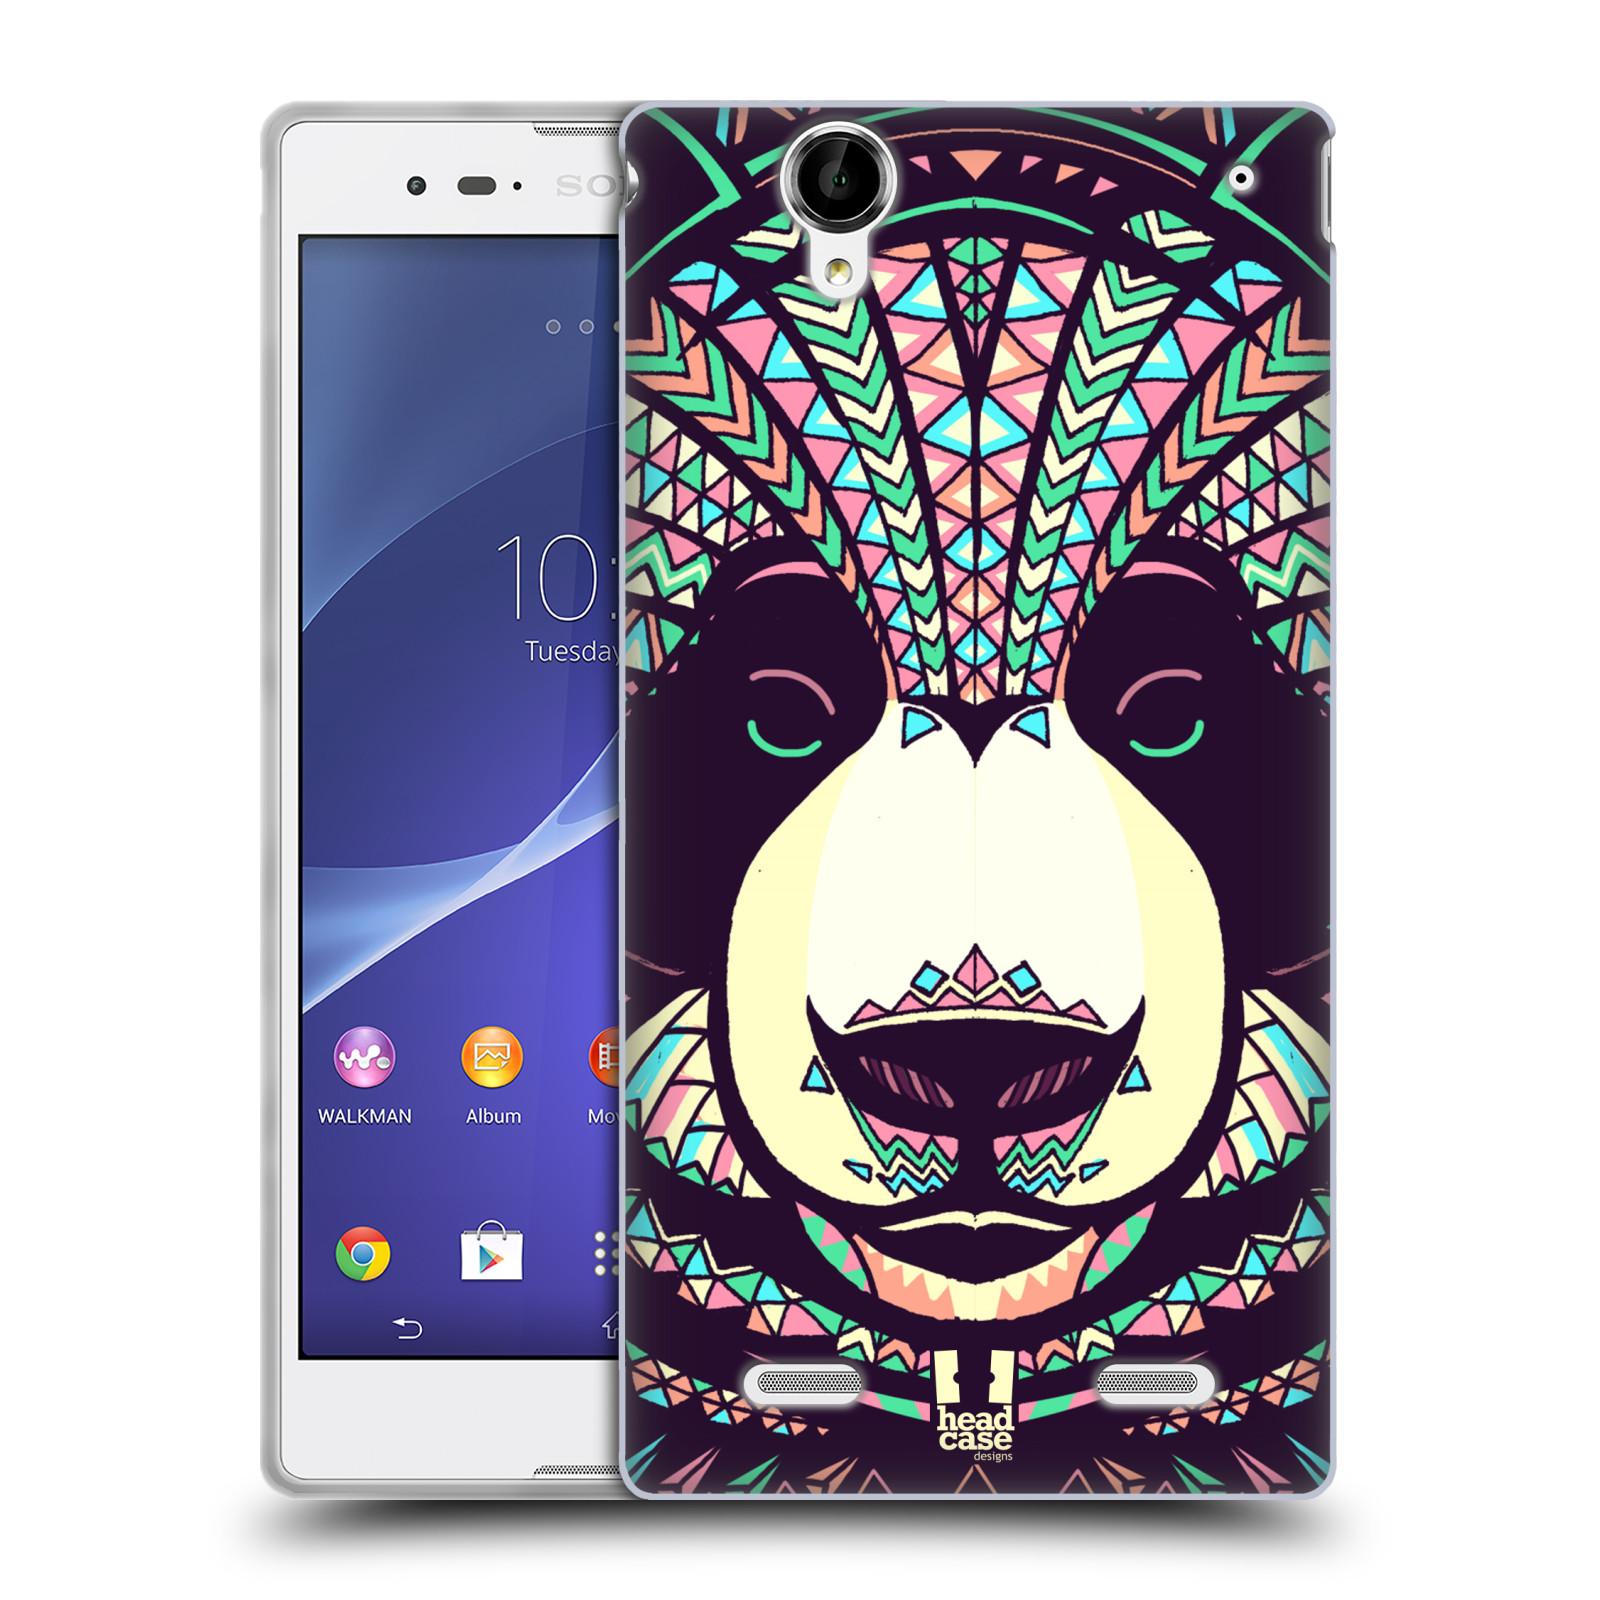 HEAD CASE silikonový obal na mobil Sony Xperia T2 Ultra/T2 Ultra DUAL SIM vzor Aztécký motiv zvíře 3 panda